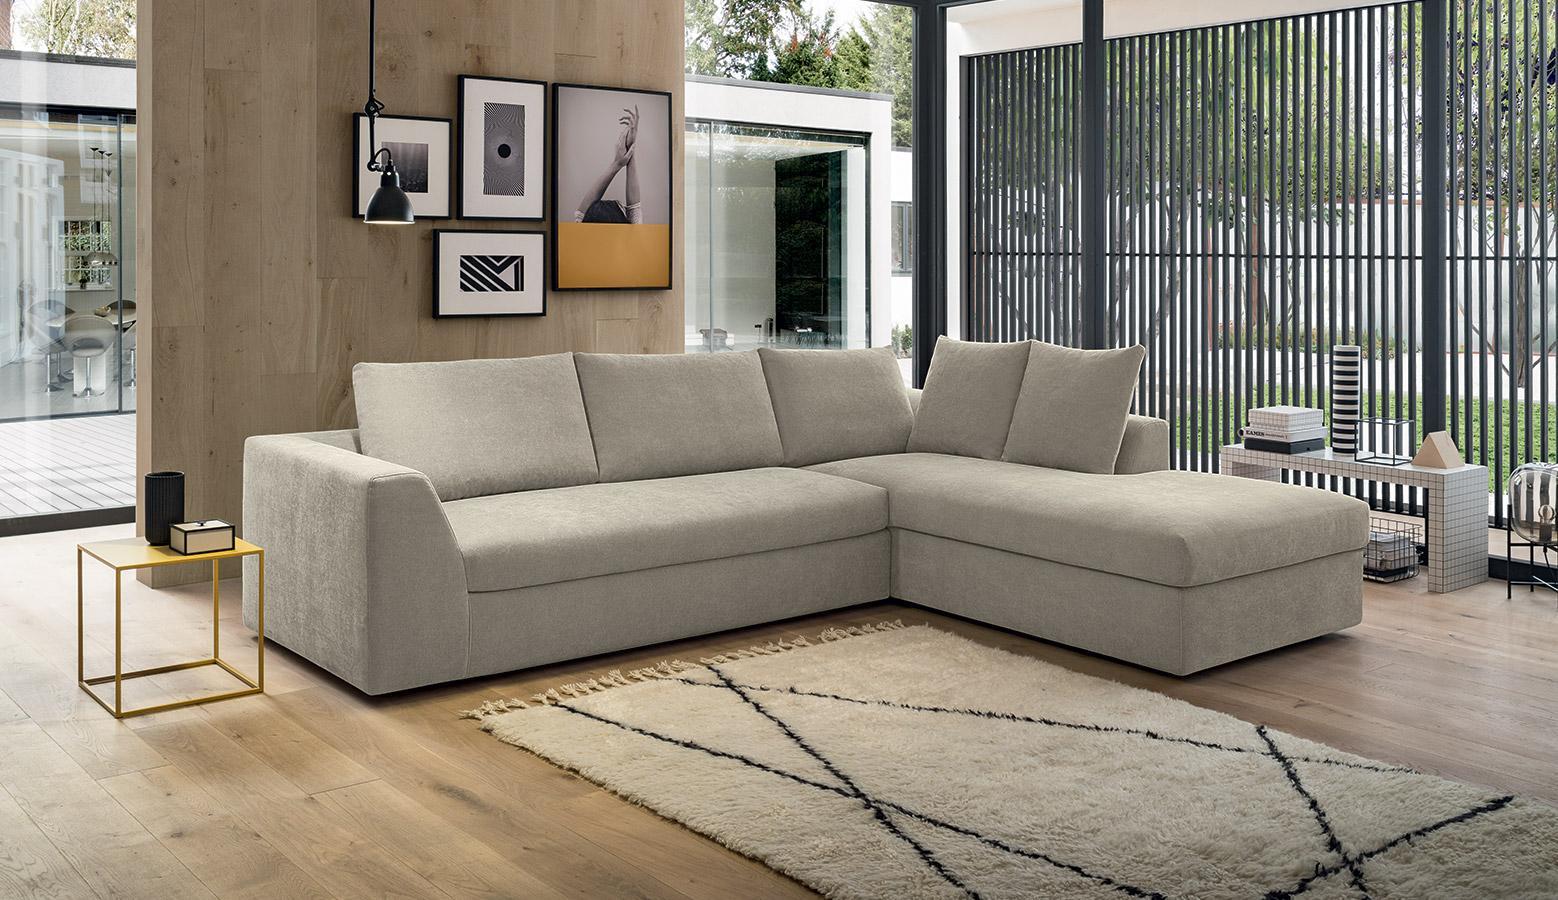 Divano letto conveniente bello divani letto moderni divani moderni